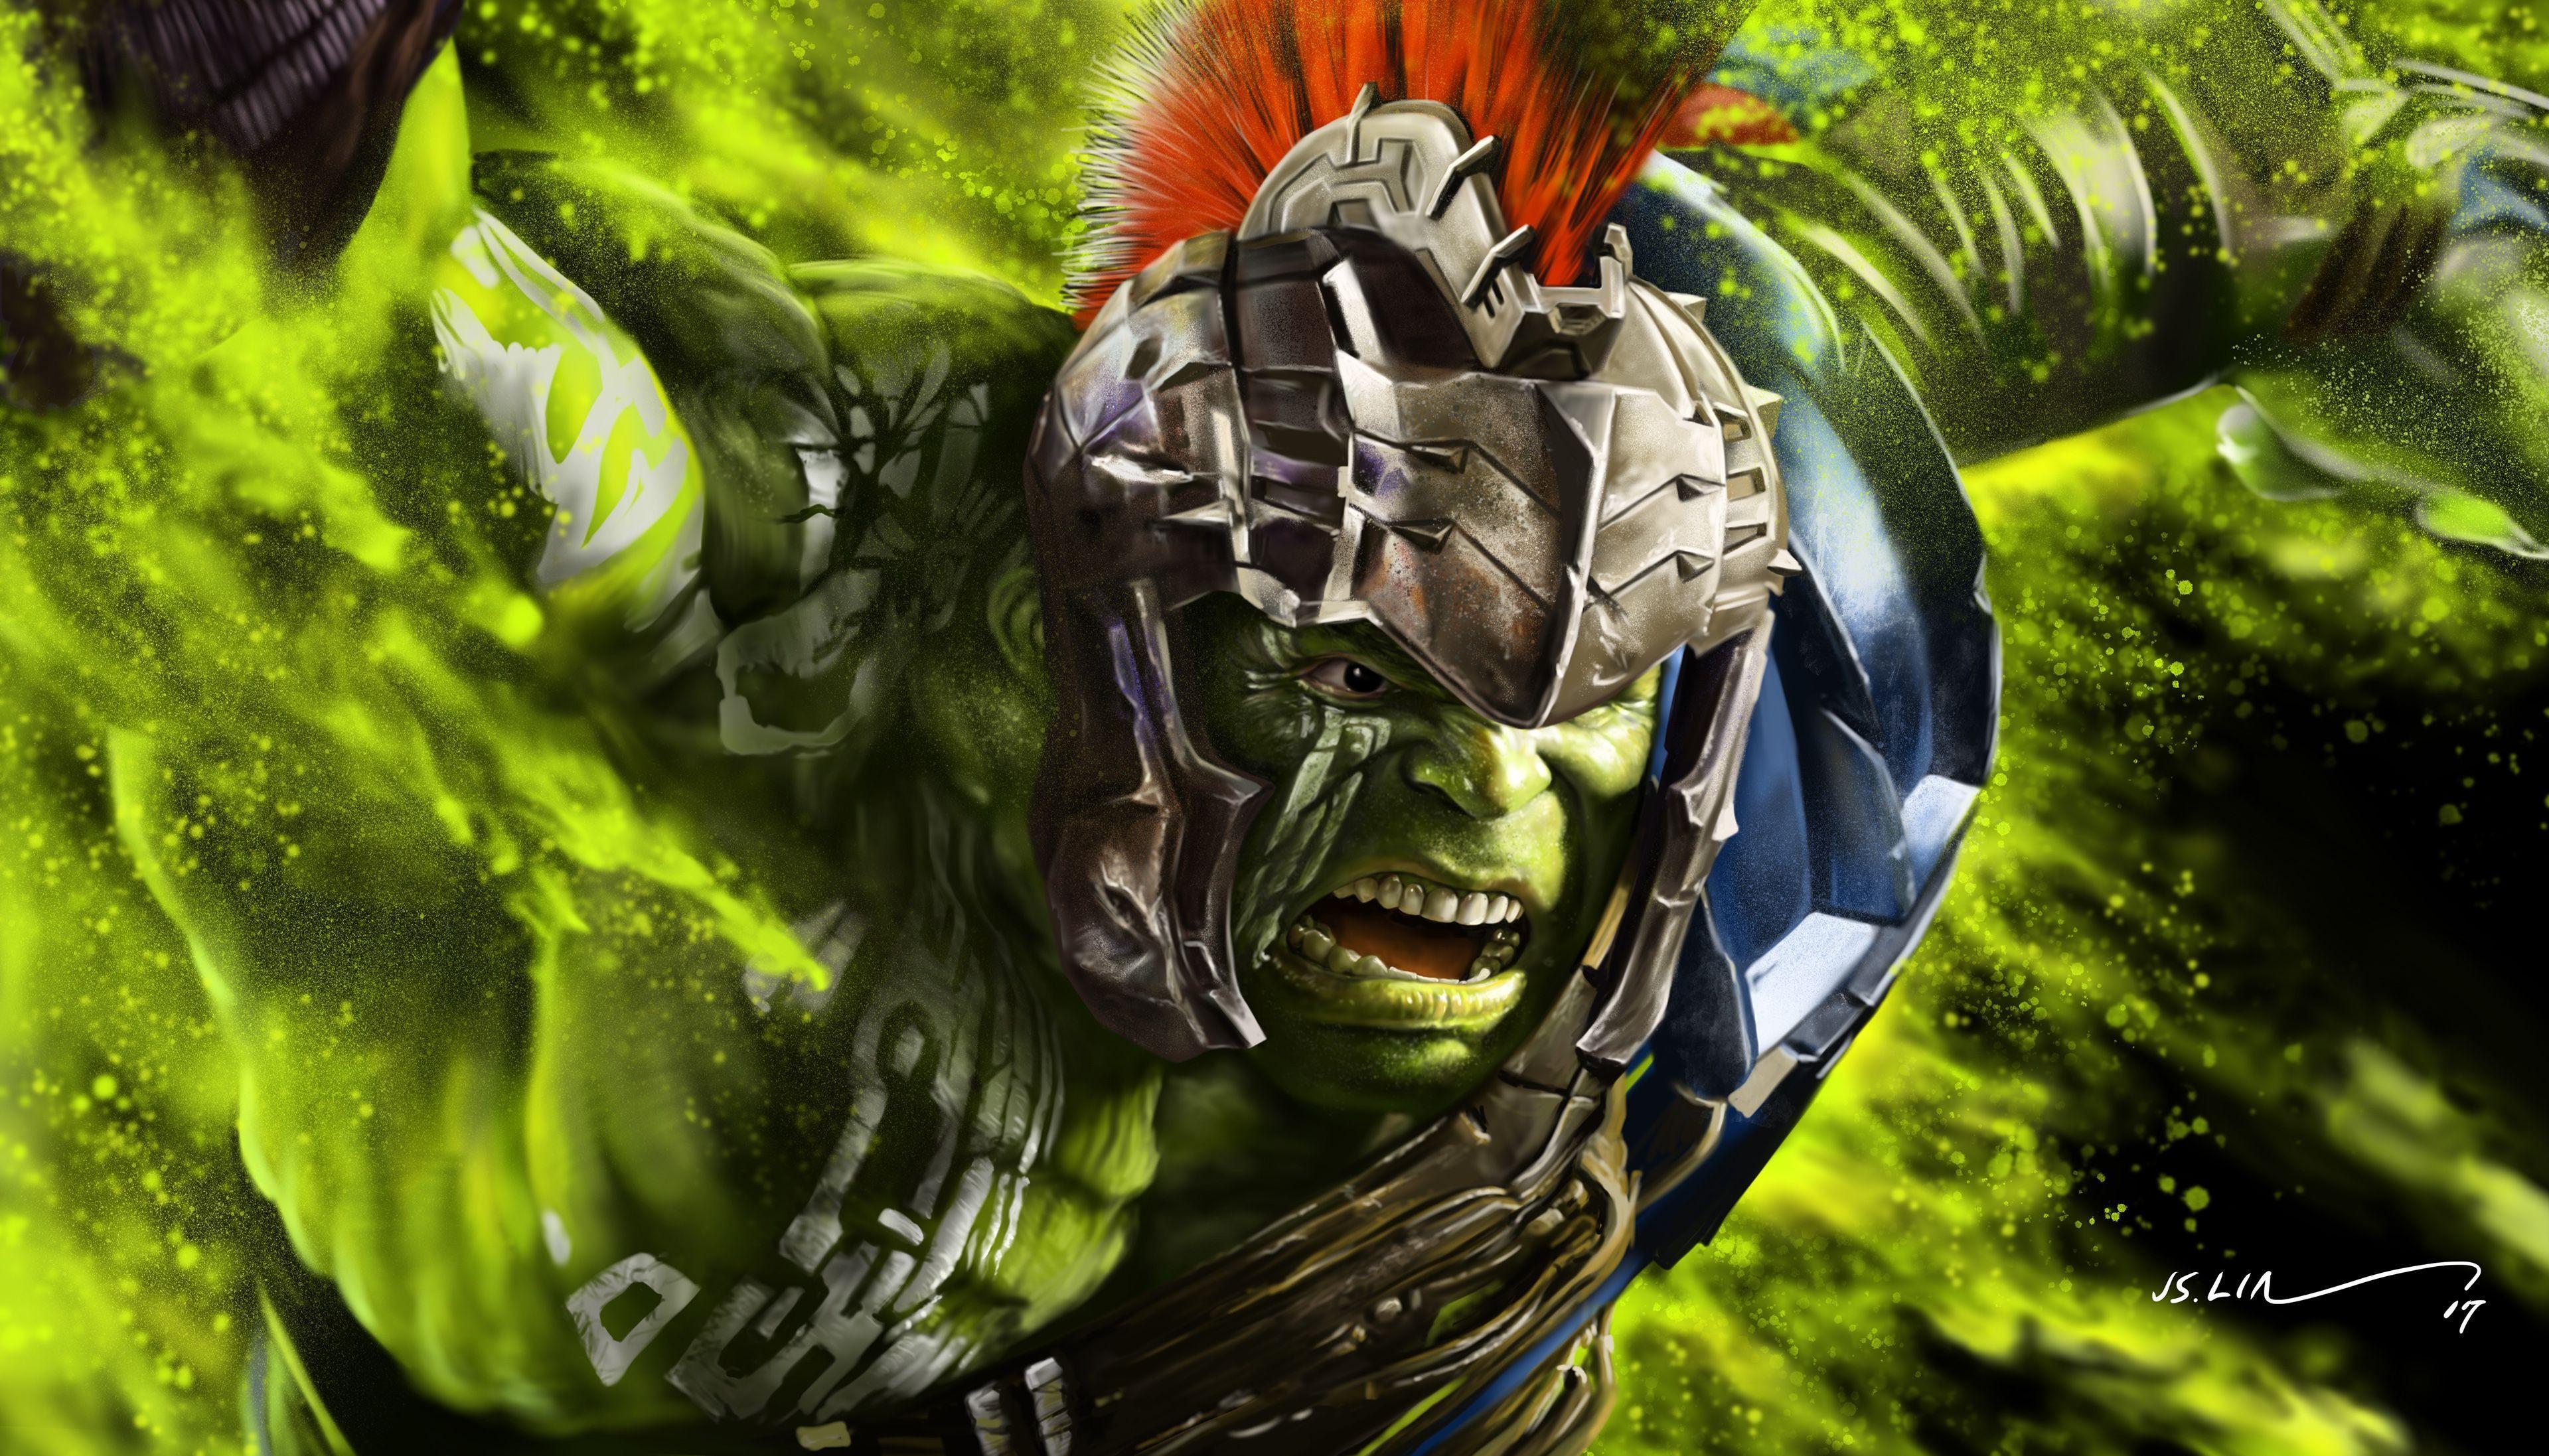 Thor Hulk 4k Wallpapers Top Free Thor Hulk 4k Backgrounds Wallpaperaccess